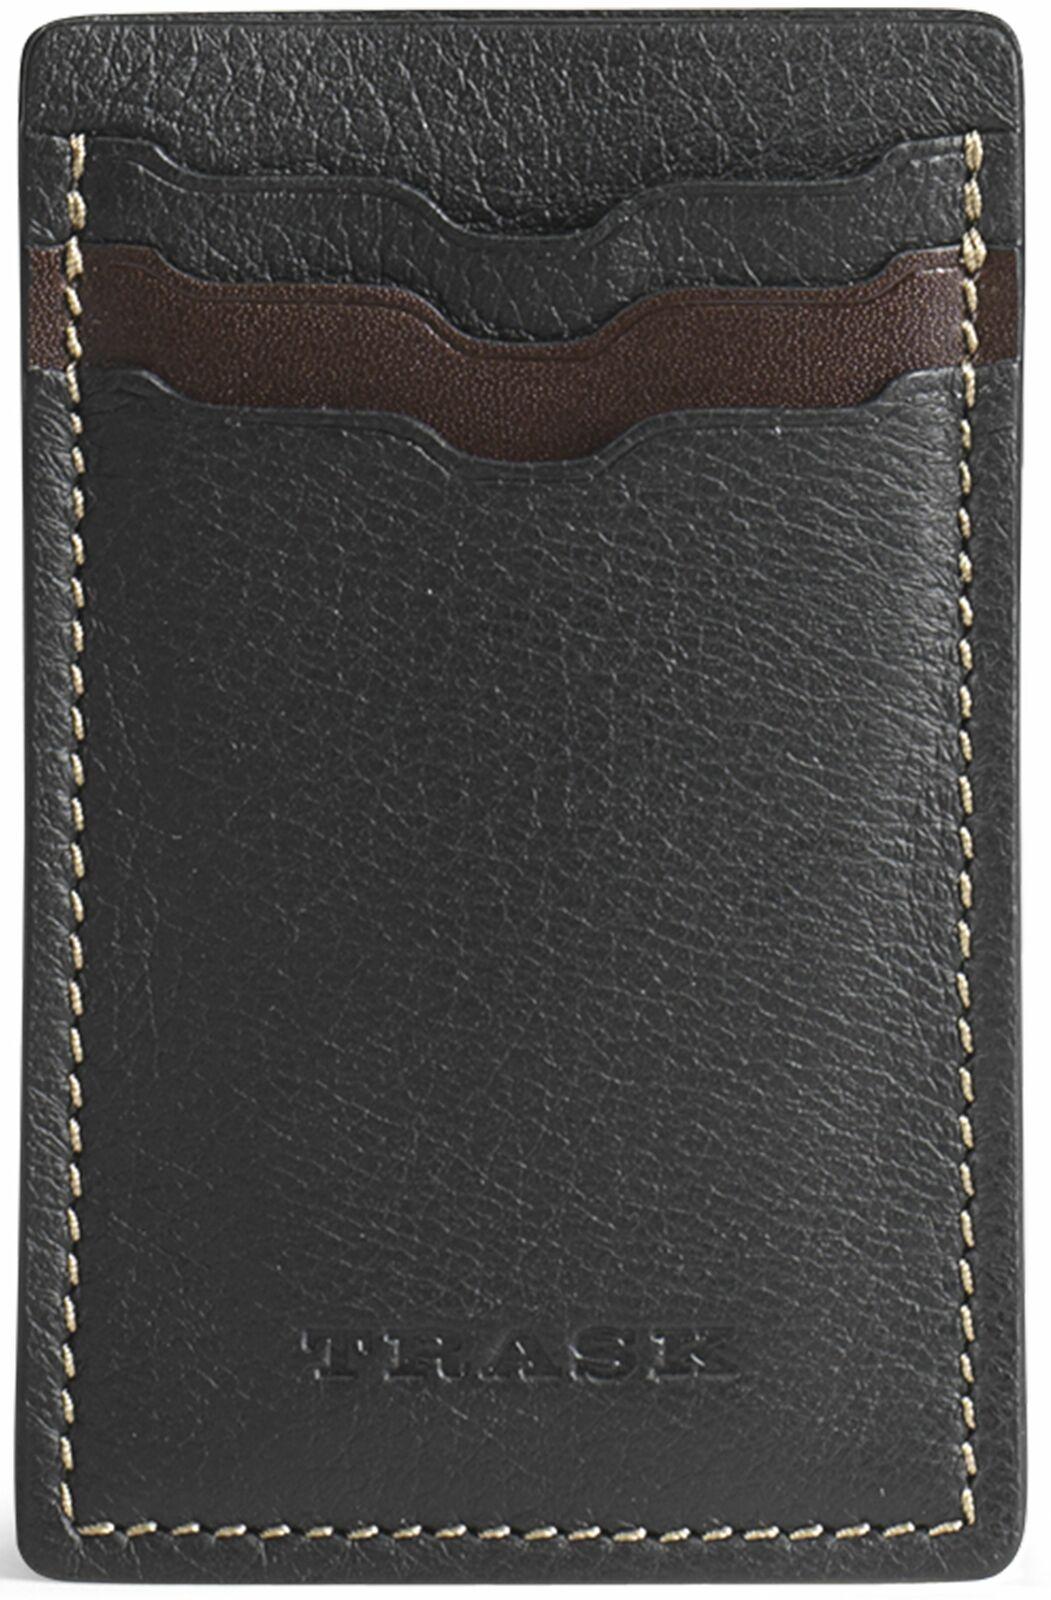 Trask Jackson Magnetic Money Clip Front Pocket Soft Leather Wallet